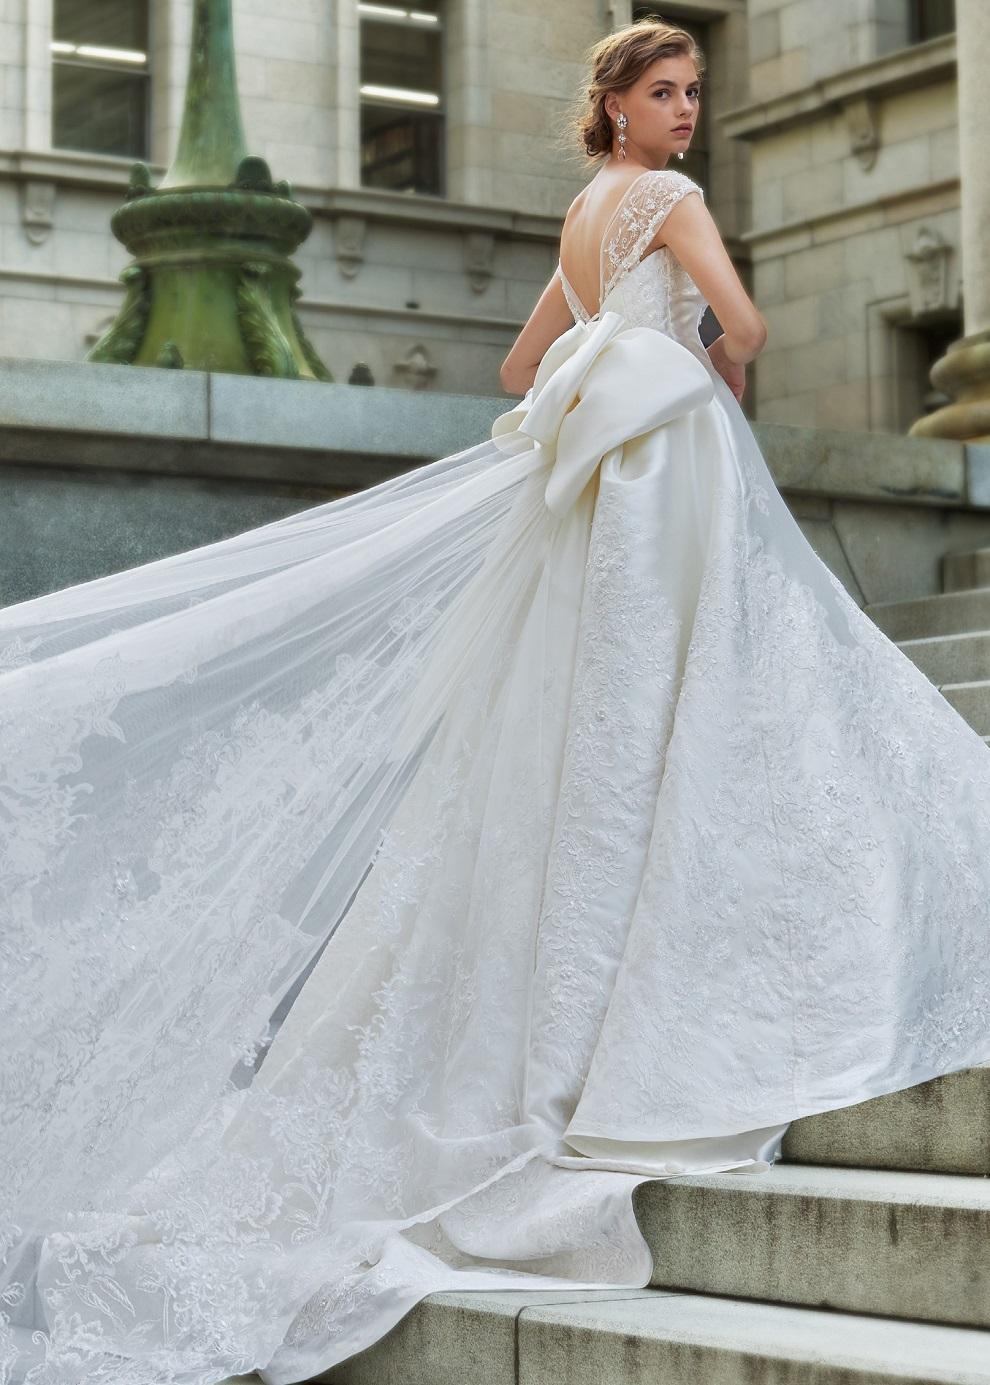 リボンのロングトレーンのウェディングドレス